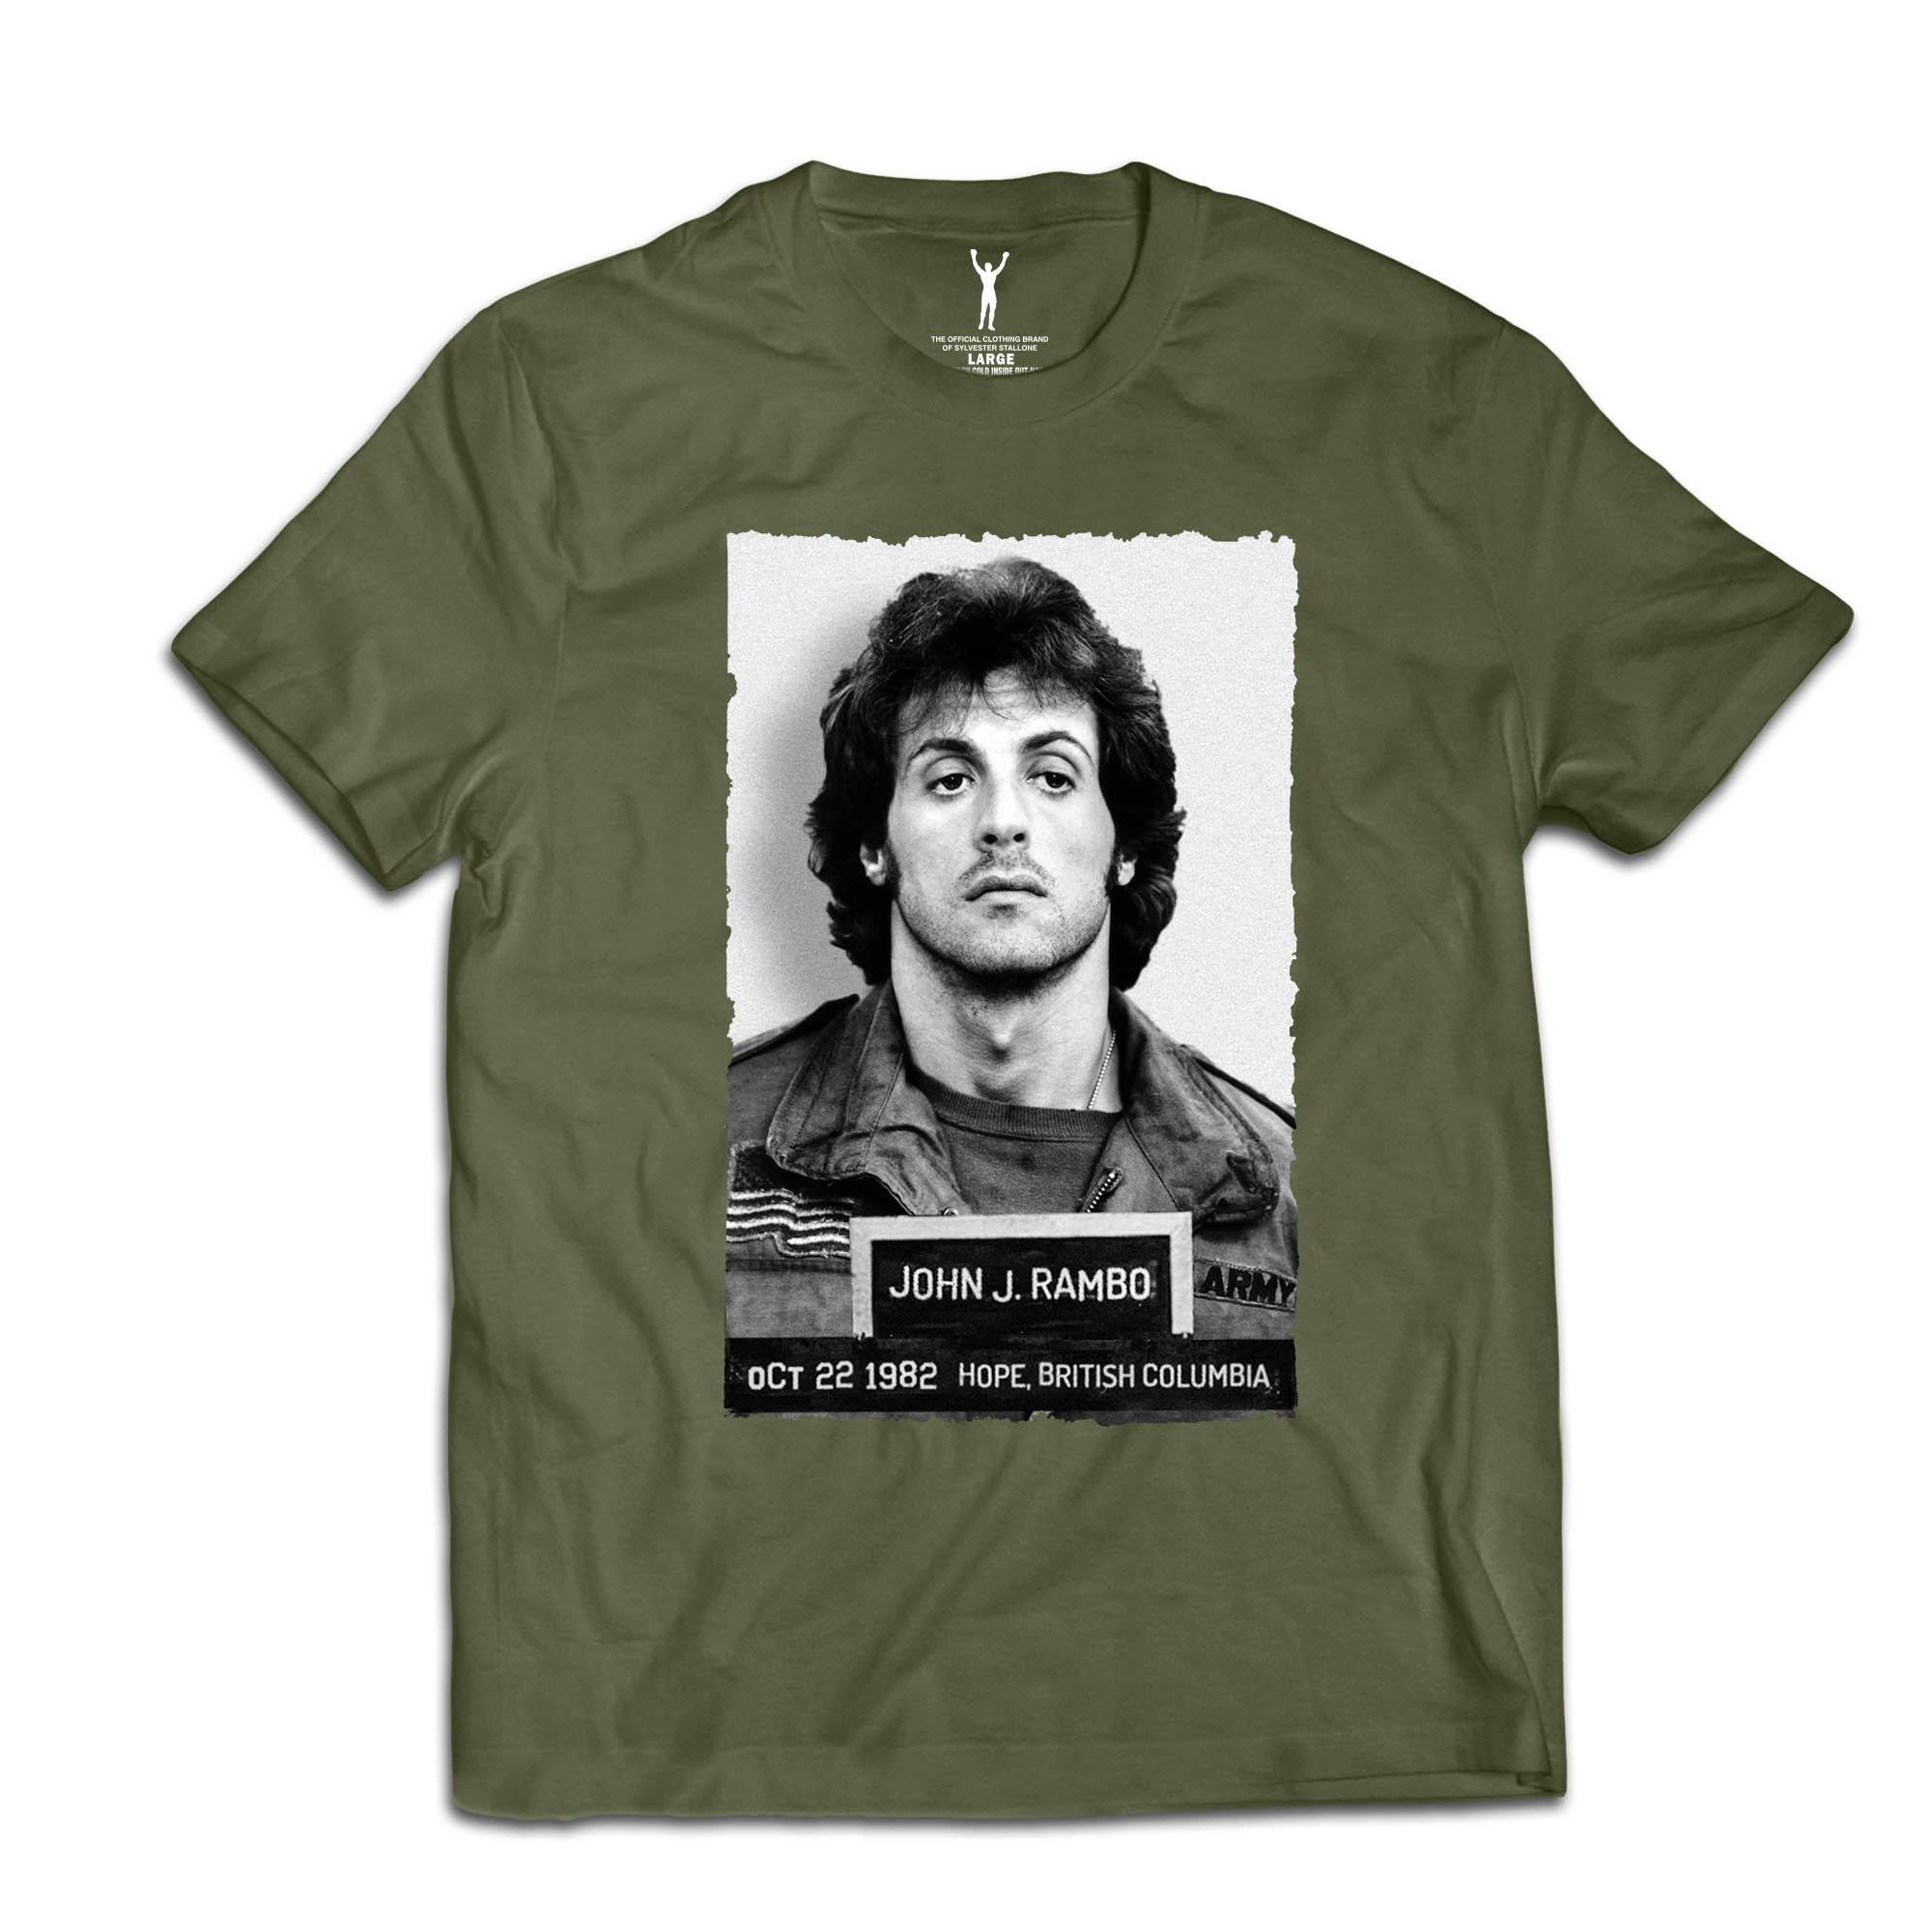 John Rambo Military Green Mugshot Tee